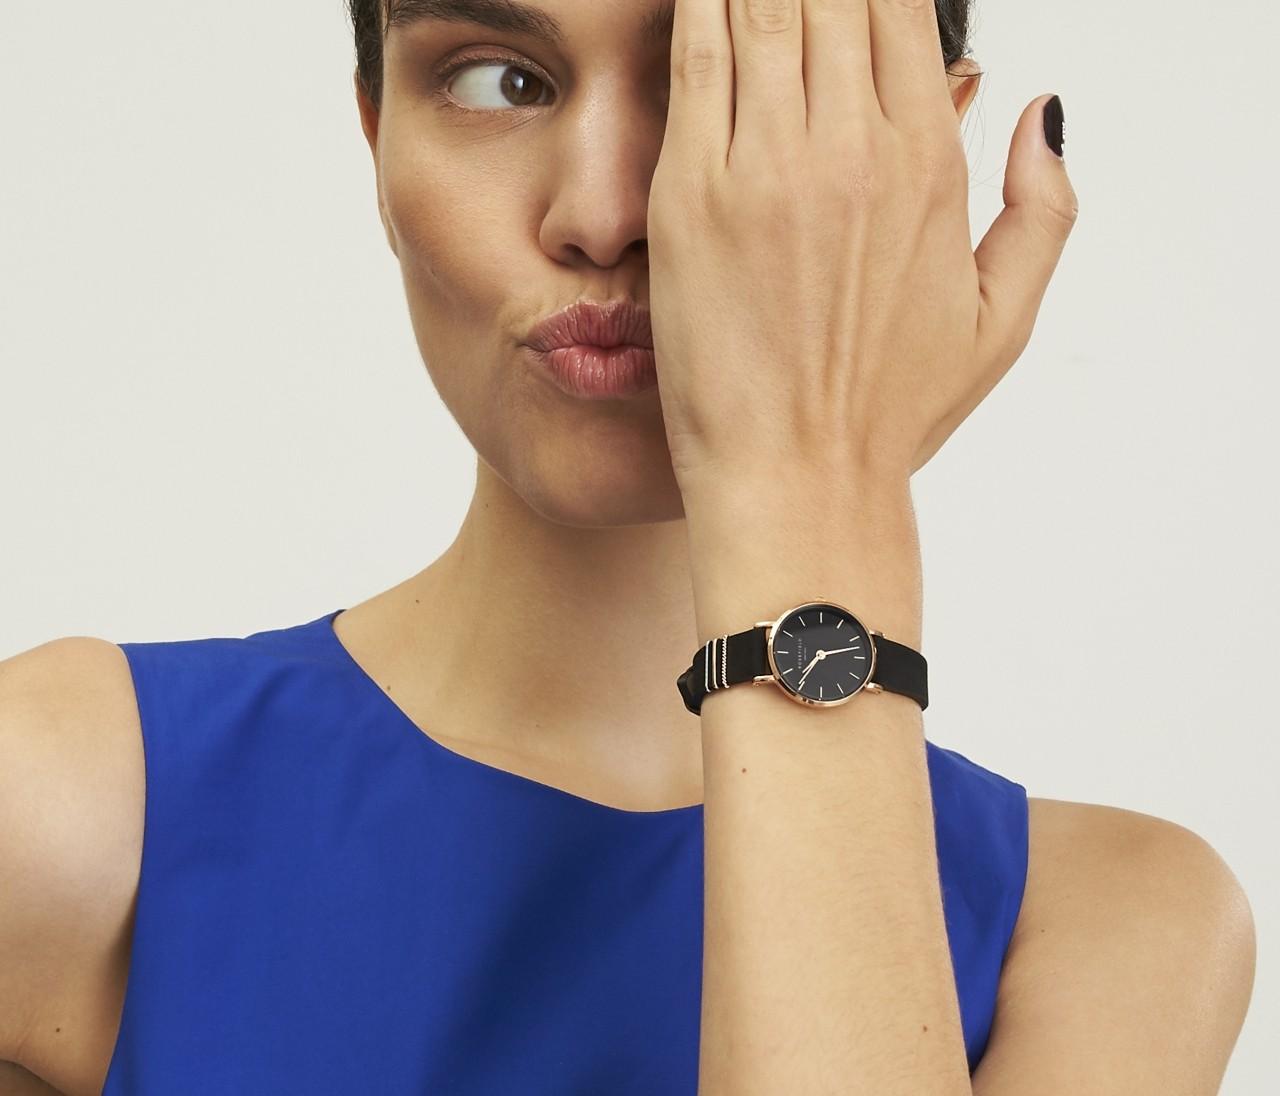 働く女性に大人気の時計ブランド【ROSEFIELD】のホリデーコレクションが日本限定で登場!